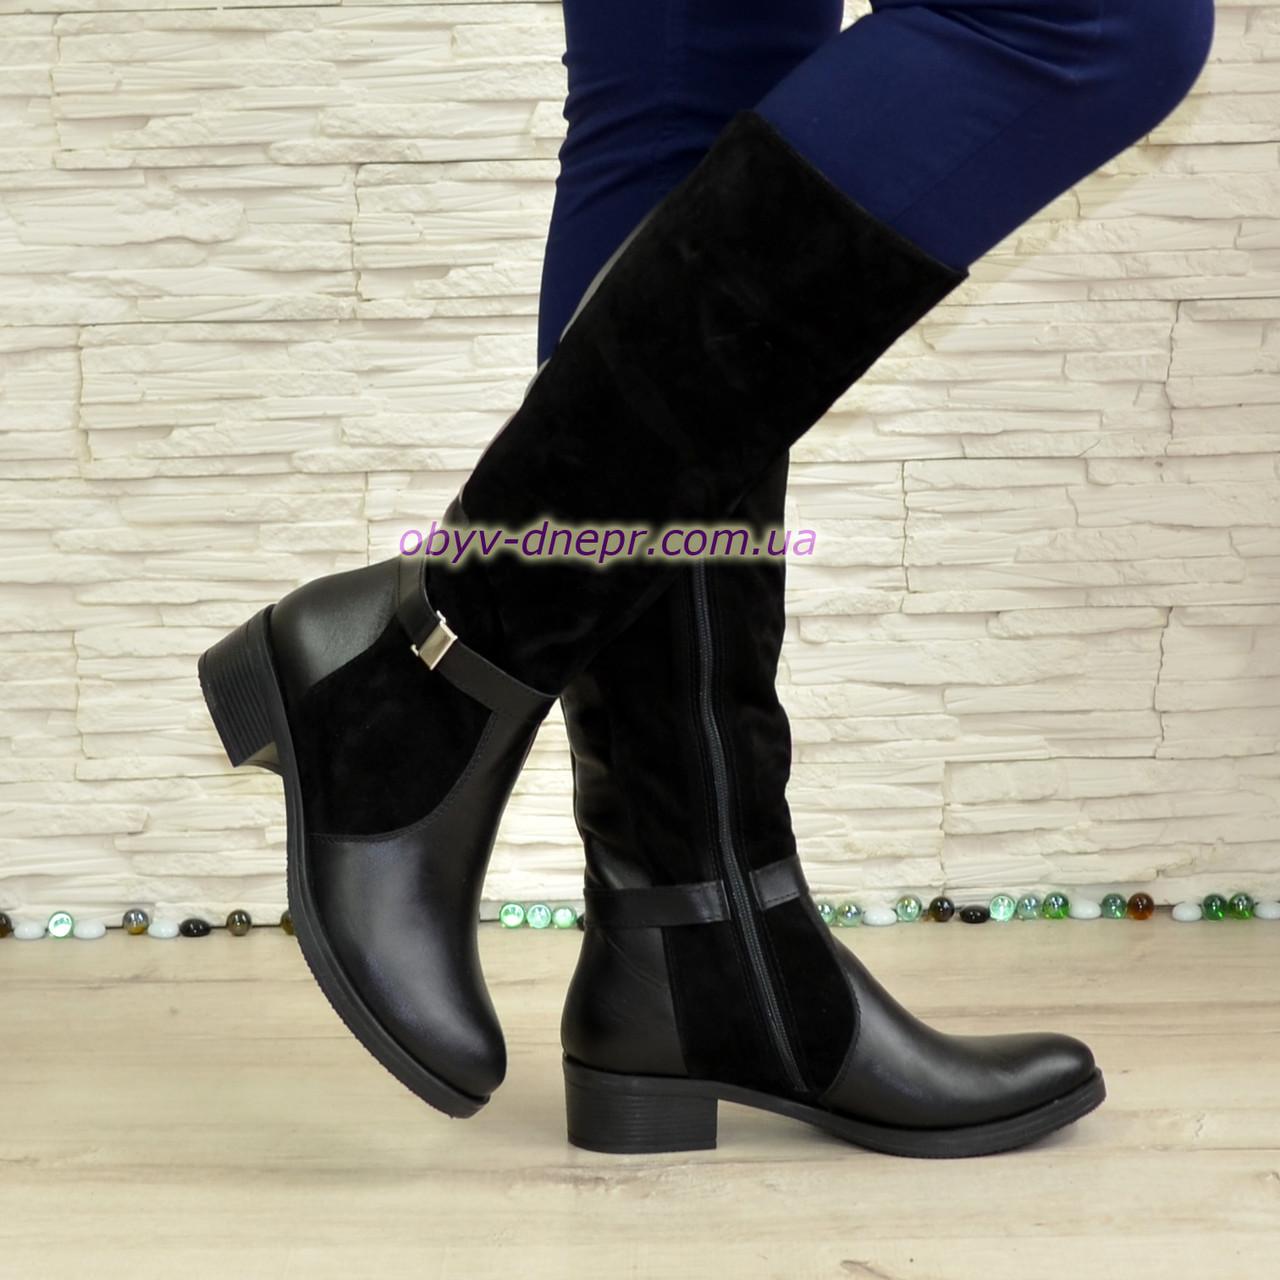 Женские зимние сапоги на невысоком каблуке. В наличии 39, 40 размеры